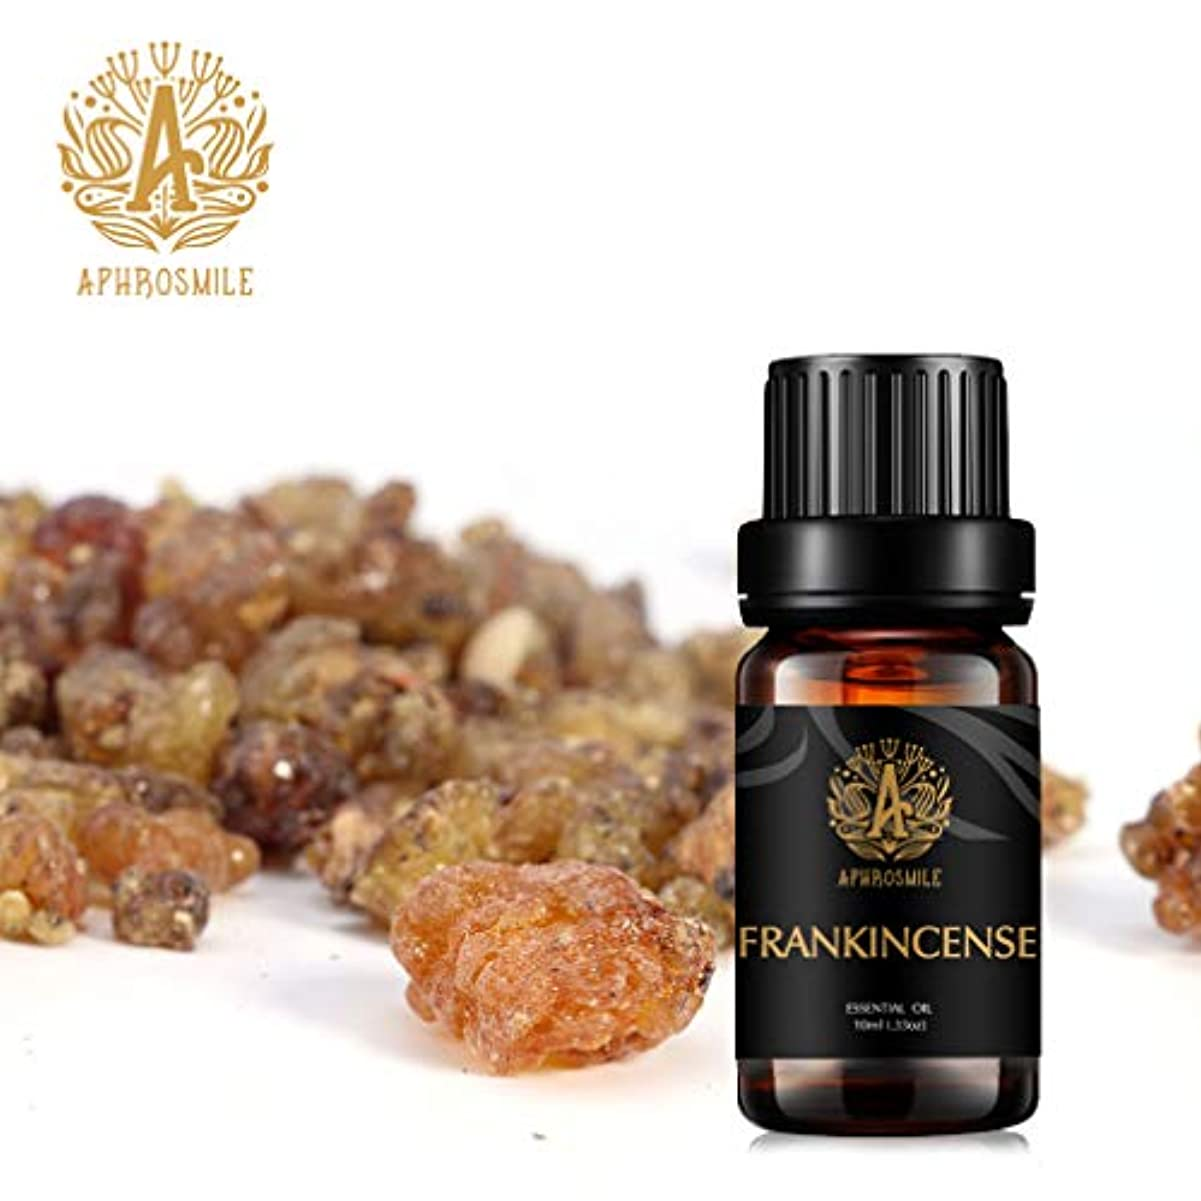 デンマークあいまいな火曜日フランキンセンスエッセンシャルオイル、100%純粋なアロマセラピーのエッセンシャルオイルであるフランキンセンスの香りが筋肉の痛みや痛みを和らげます、治療上の等級の精油のFrankincenseの芳香為に拡散器、マッサージ...